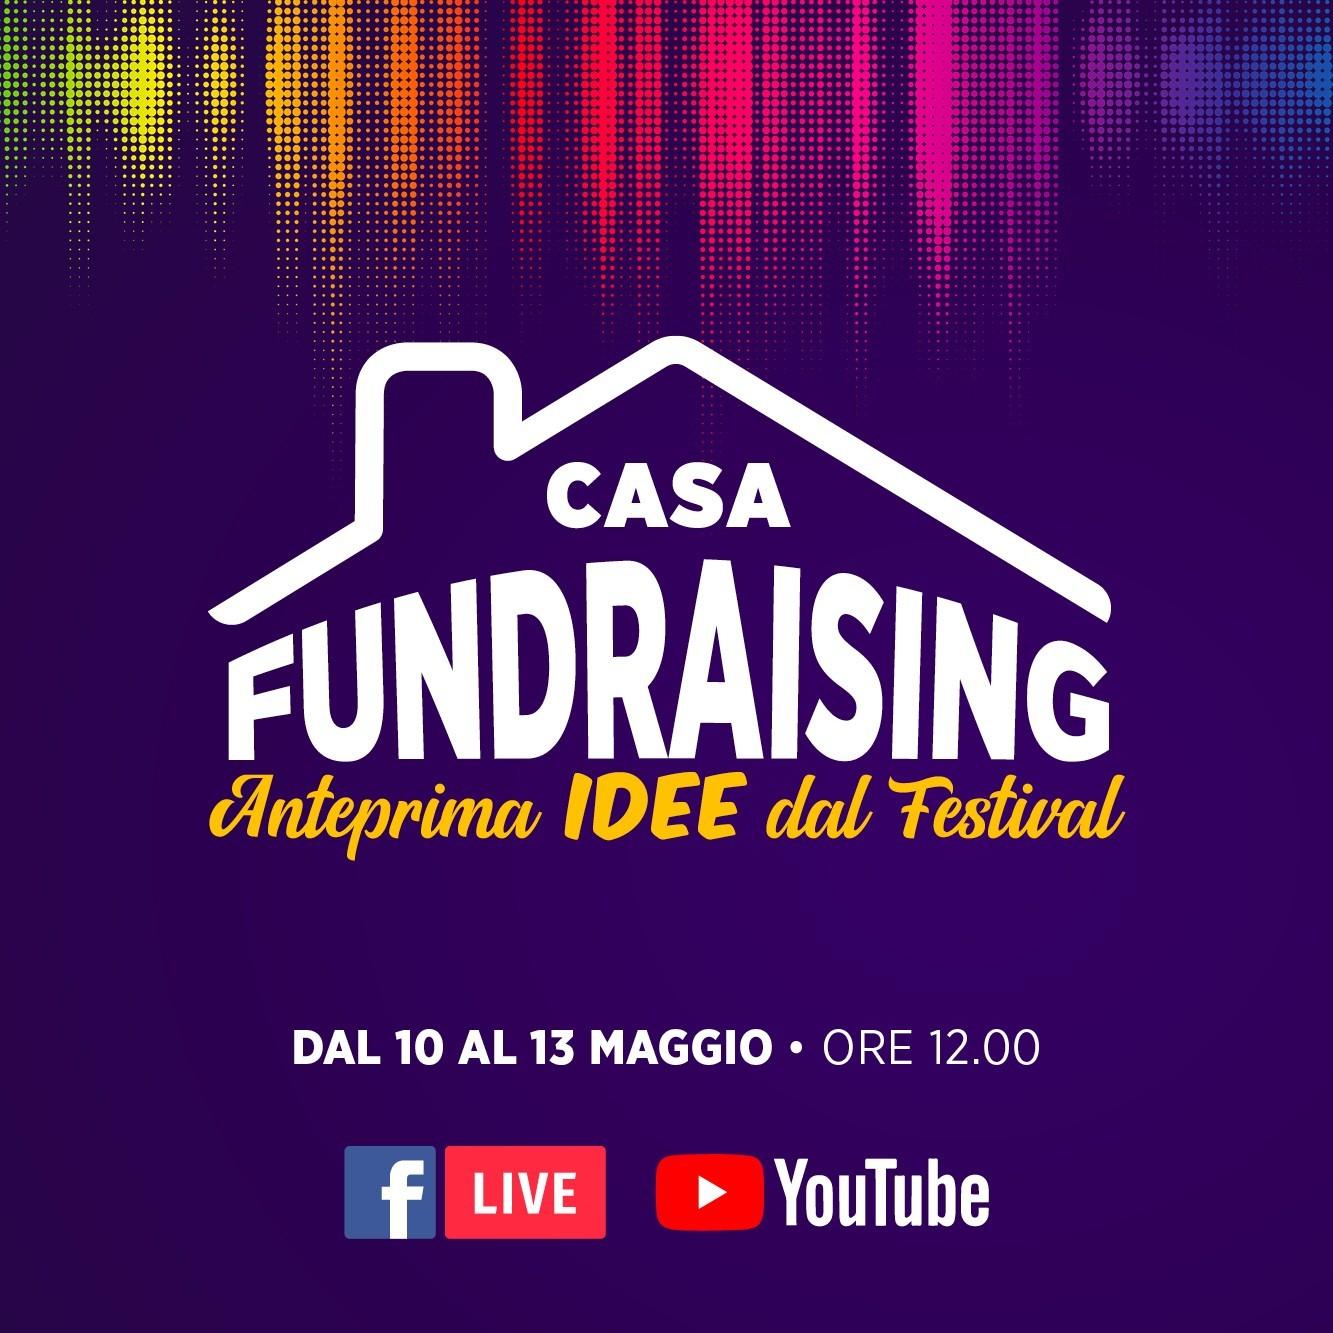 Casa fundraising Festival